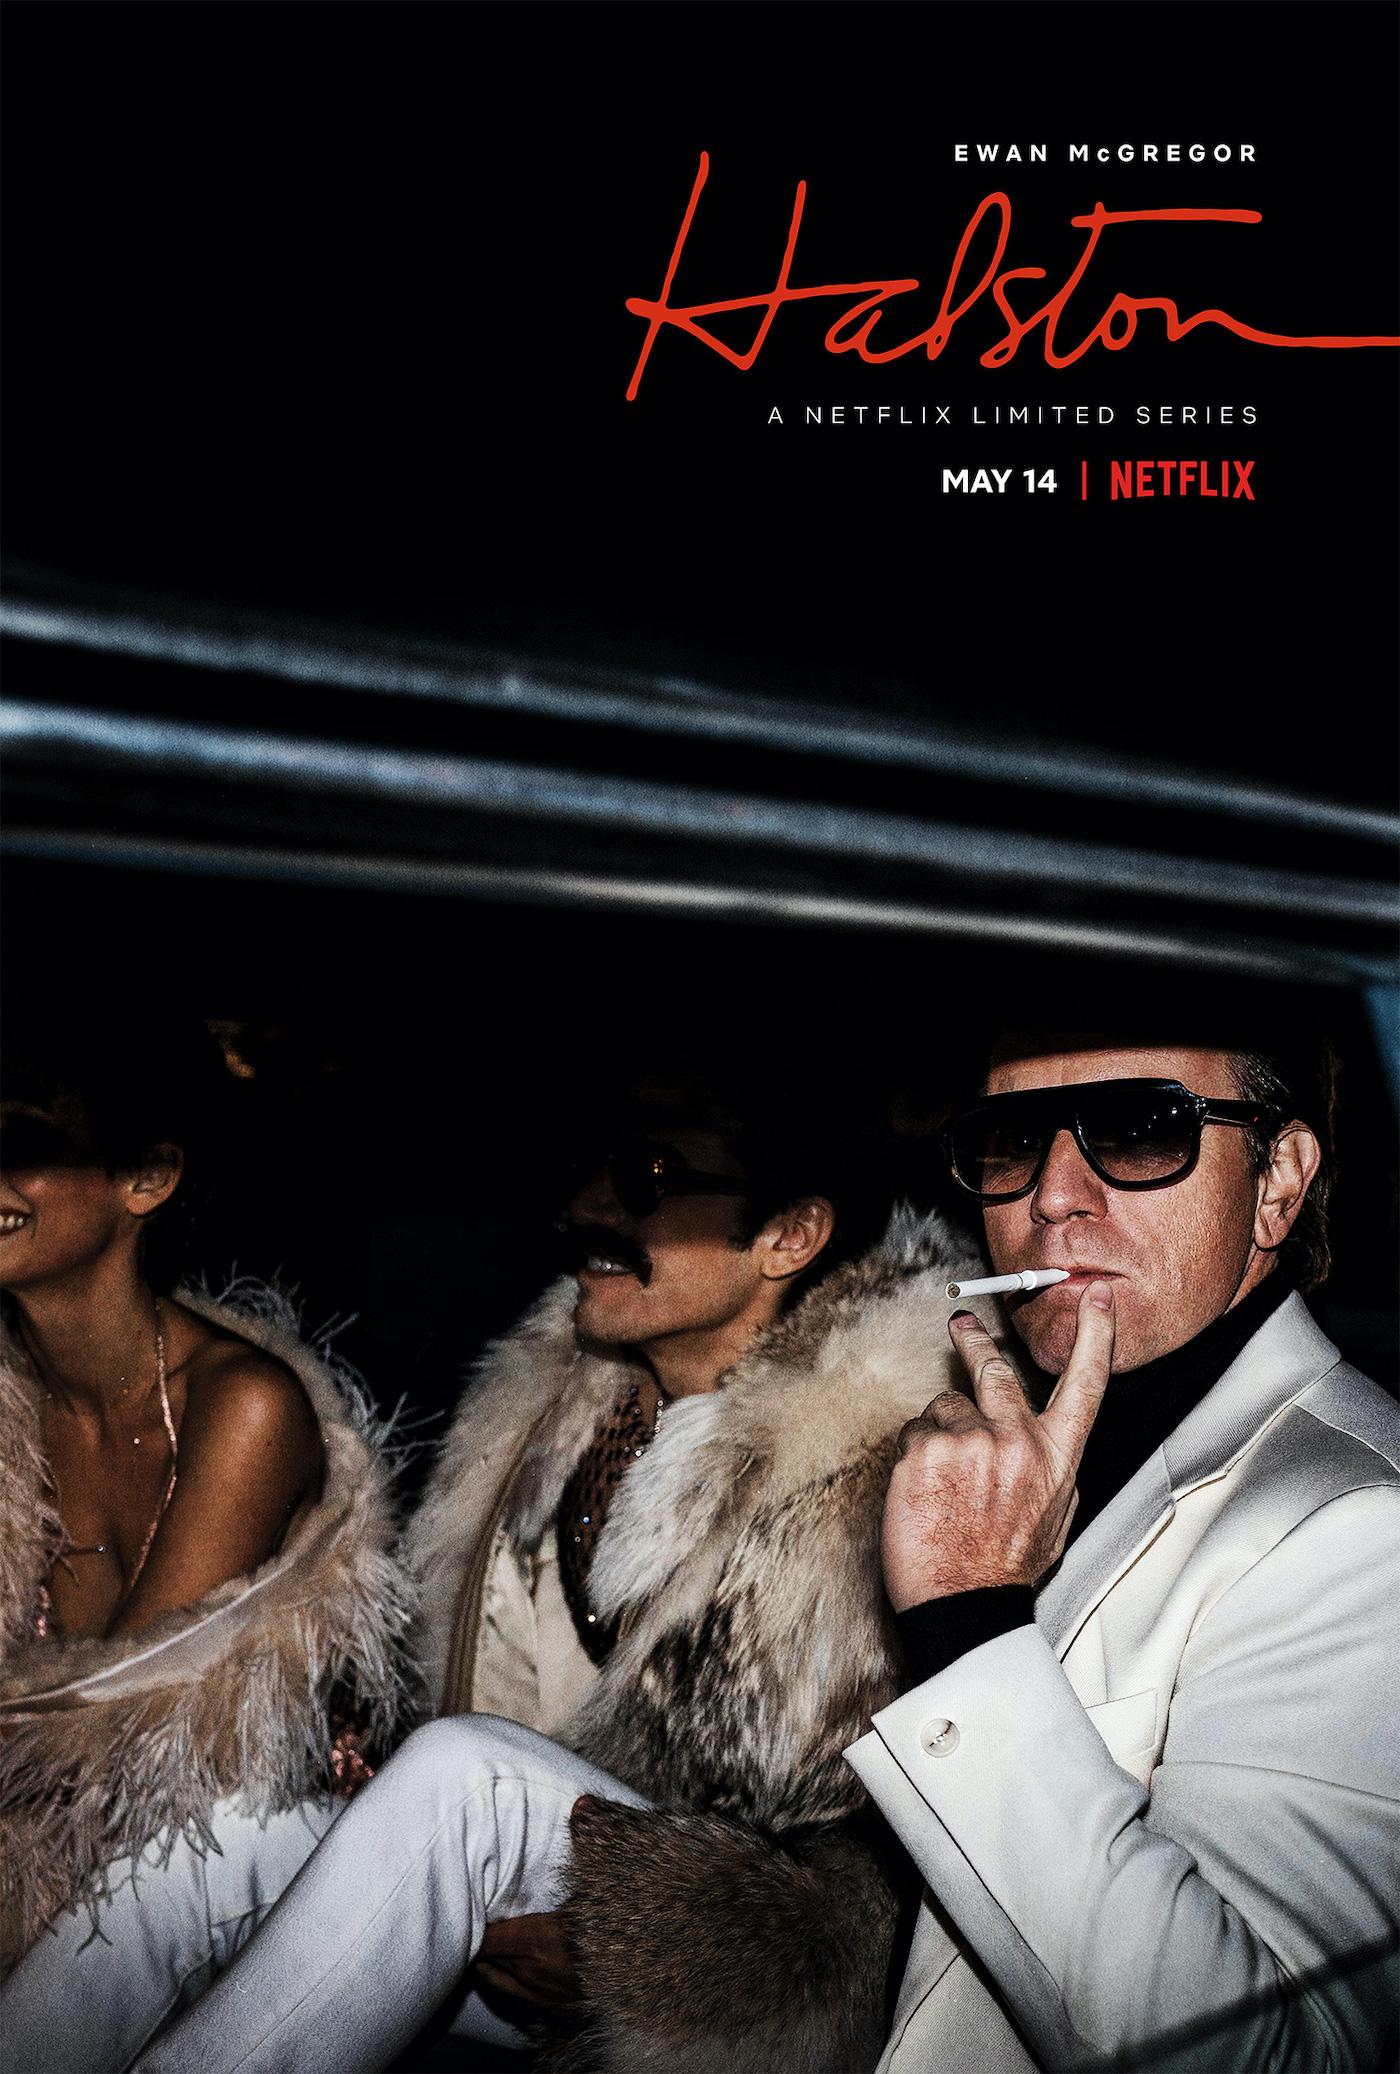 Halston: se revela la fecha de estreno y primeras imágenes de la serie de  Netflix protagonizada por Ewan McGregor | Tomatazos